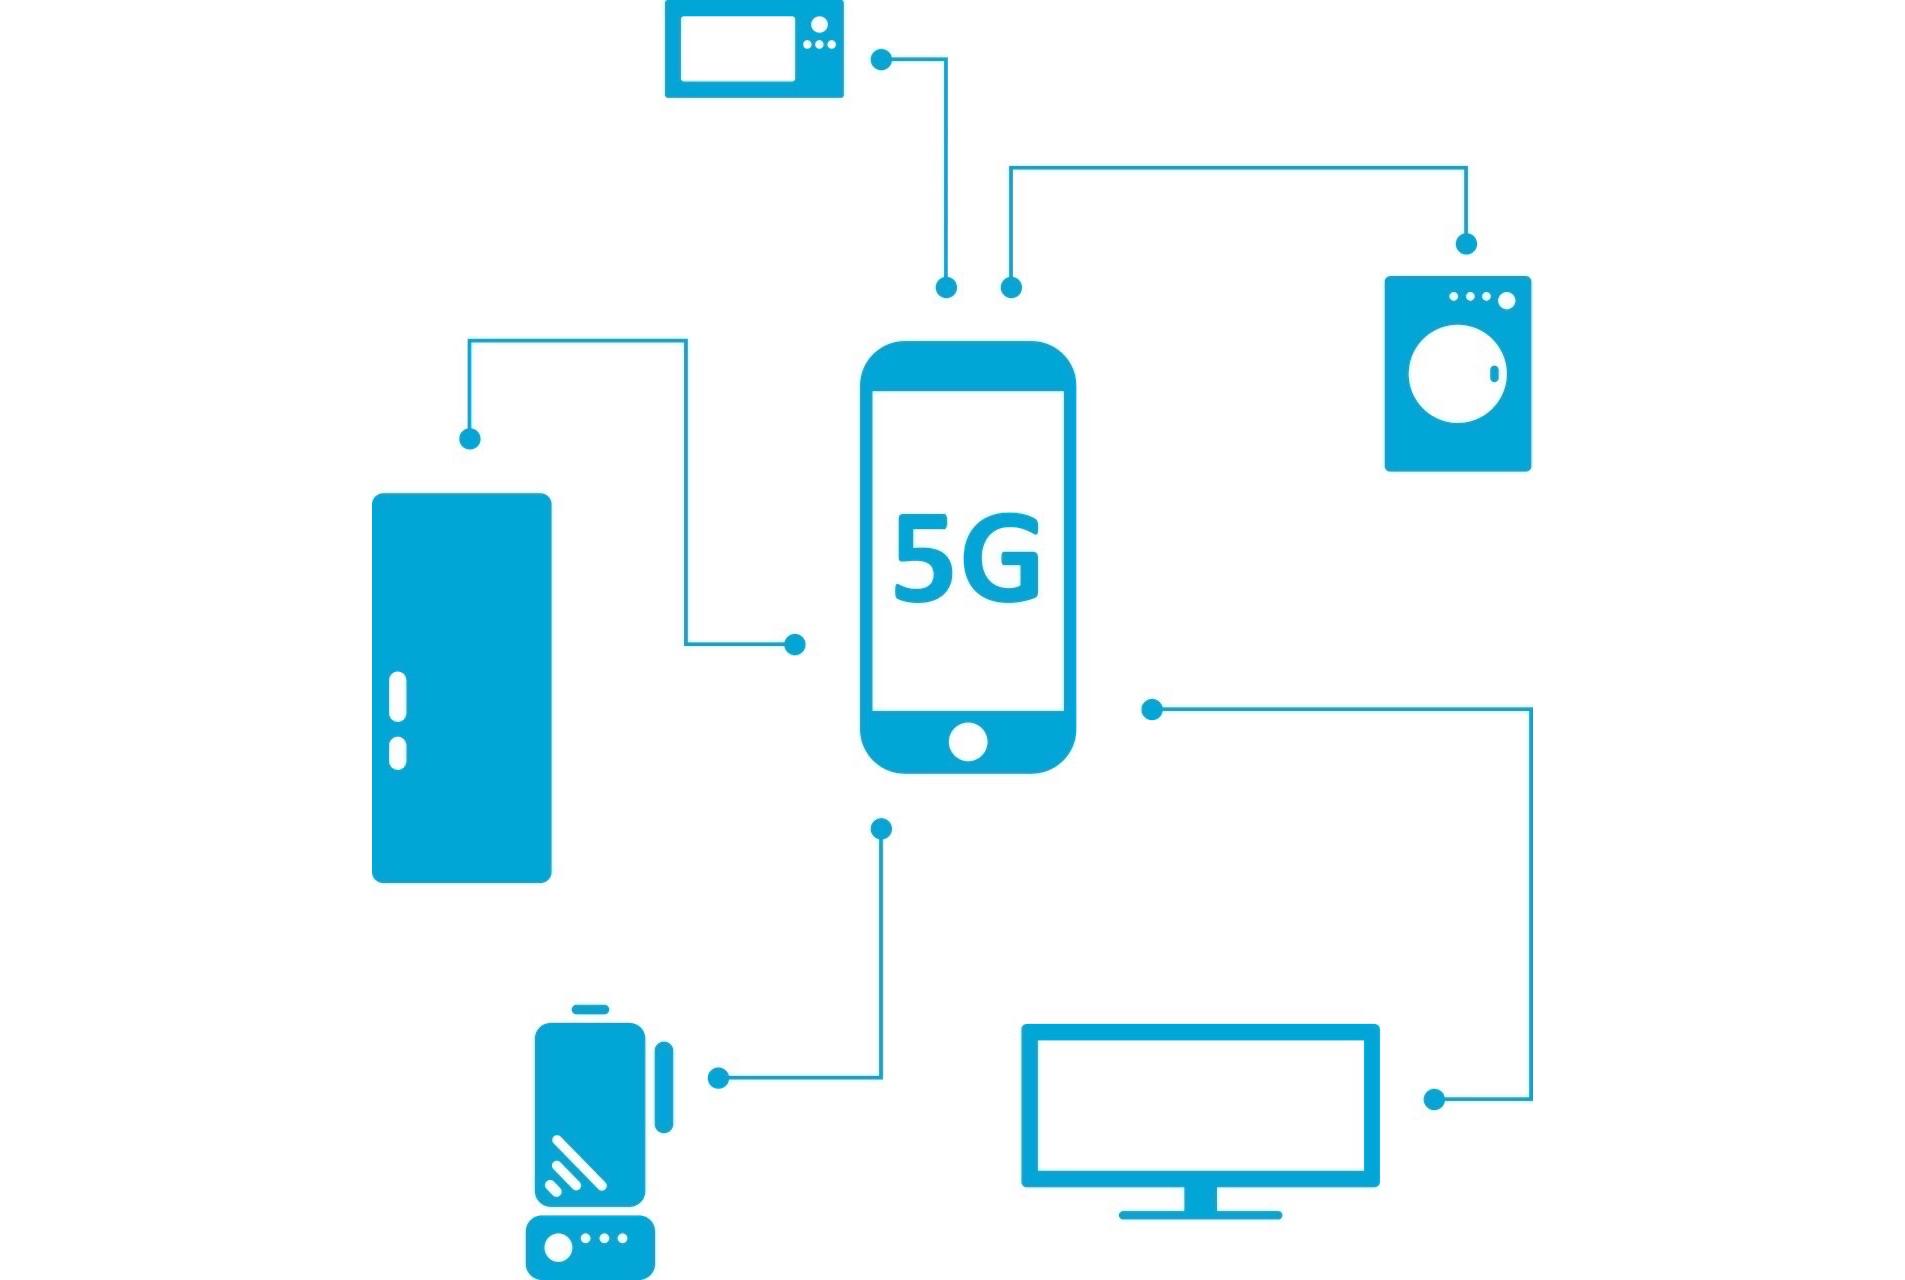 Les opérateurs français dans les starting blocks pour les fréquences 5G et leur commercialisation 1